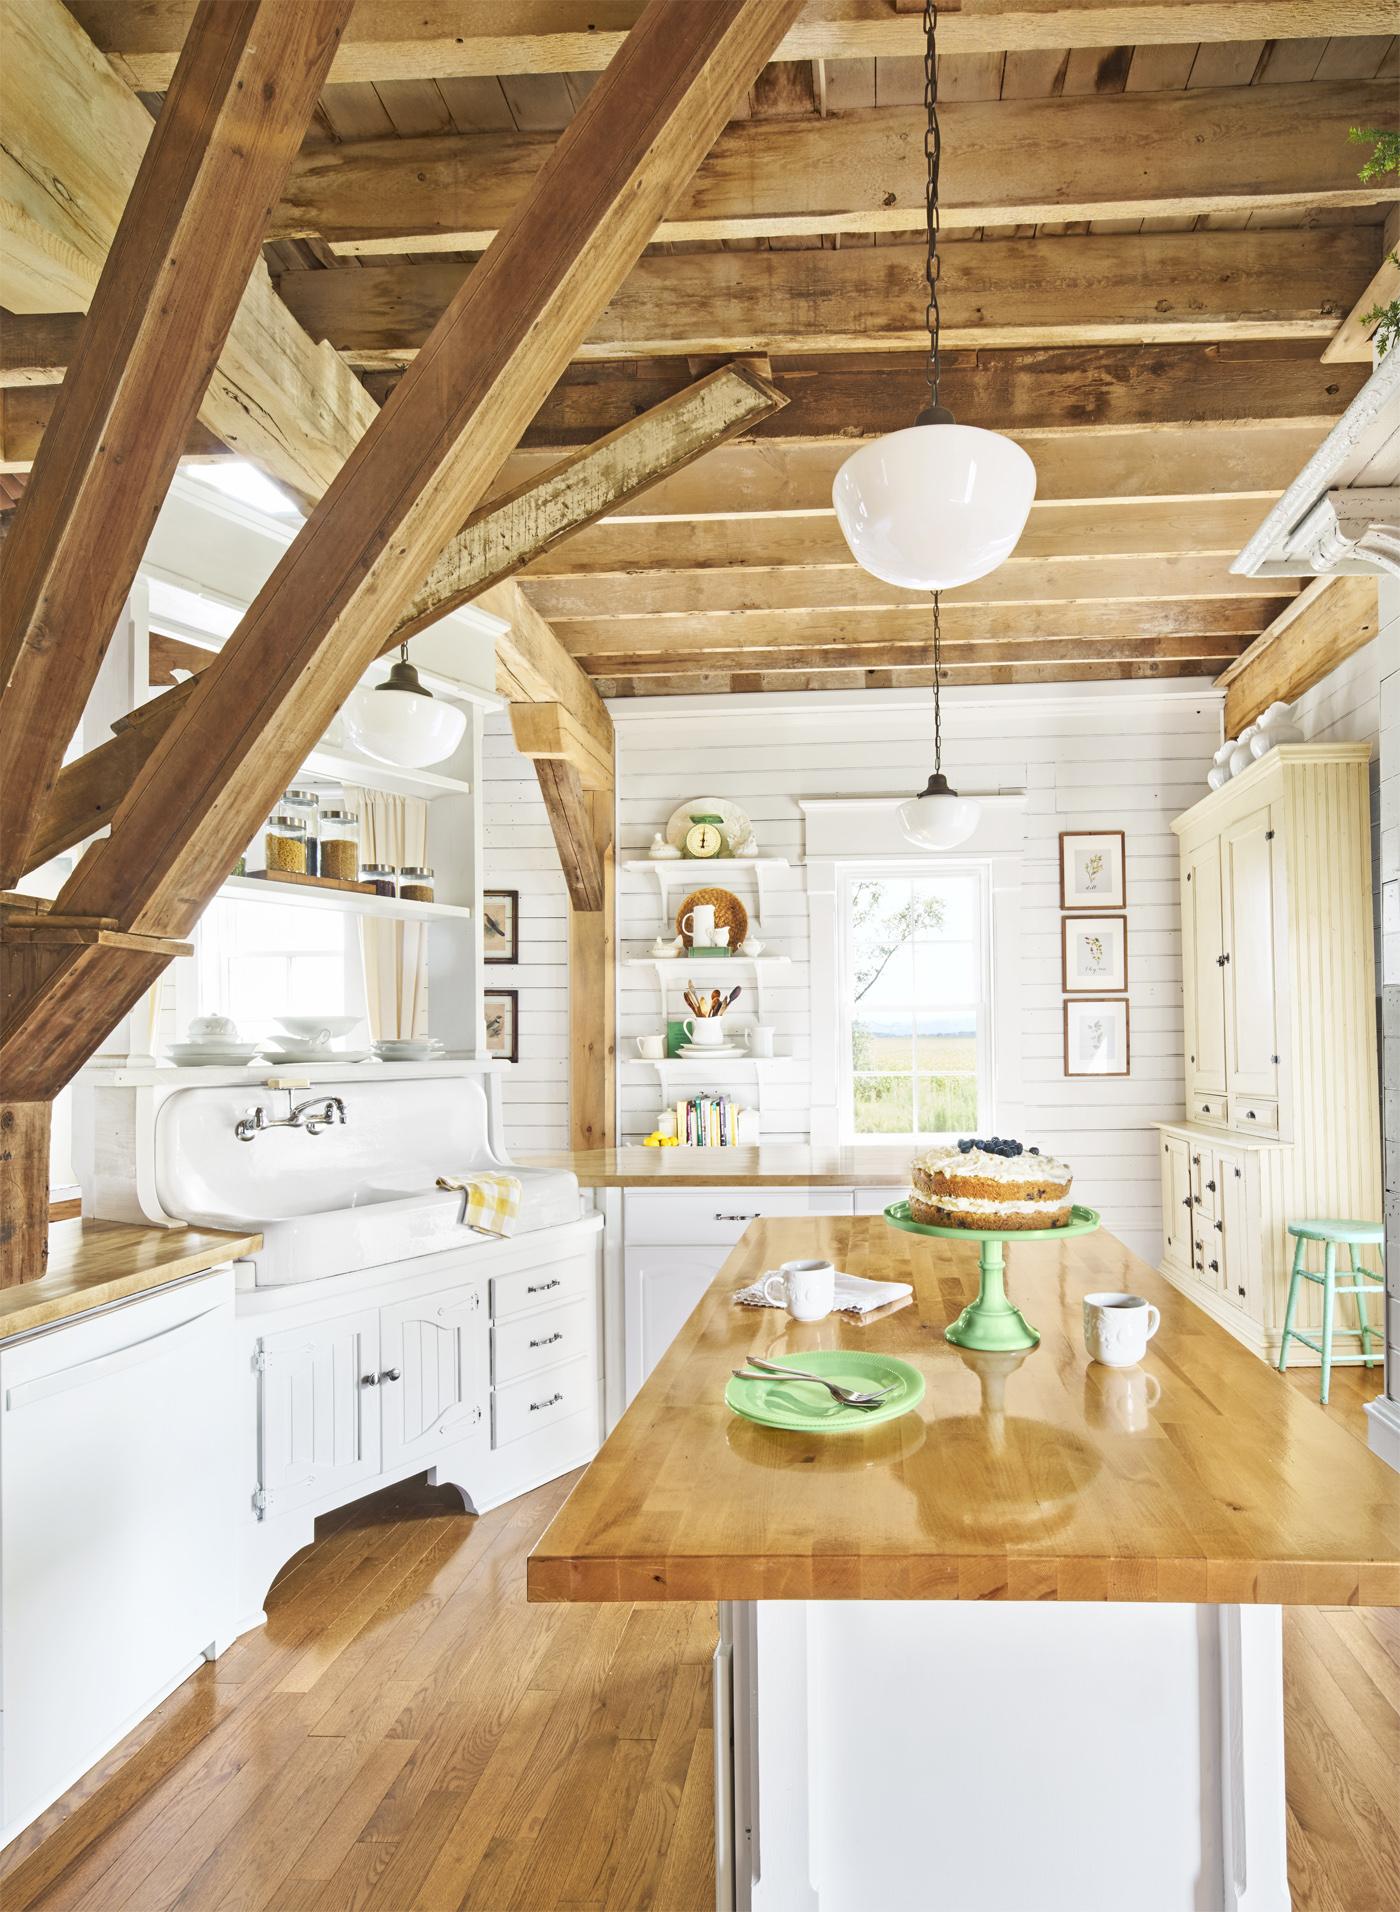 белая кухня кухонный остров полки